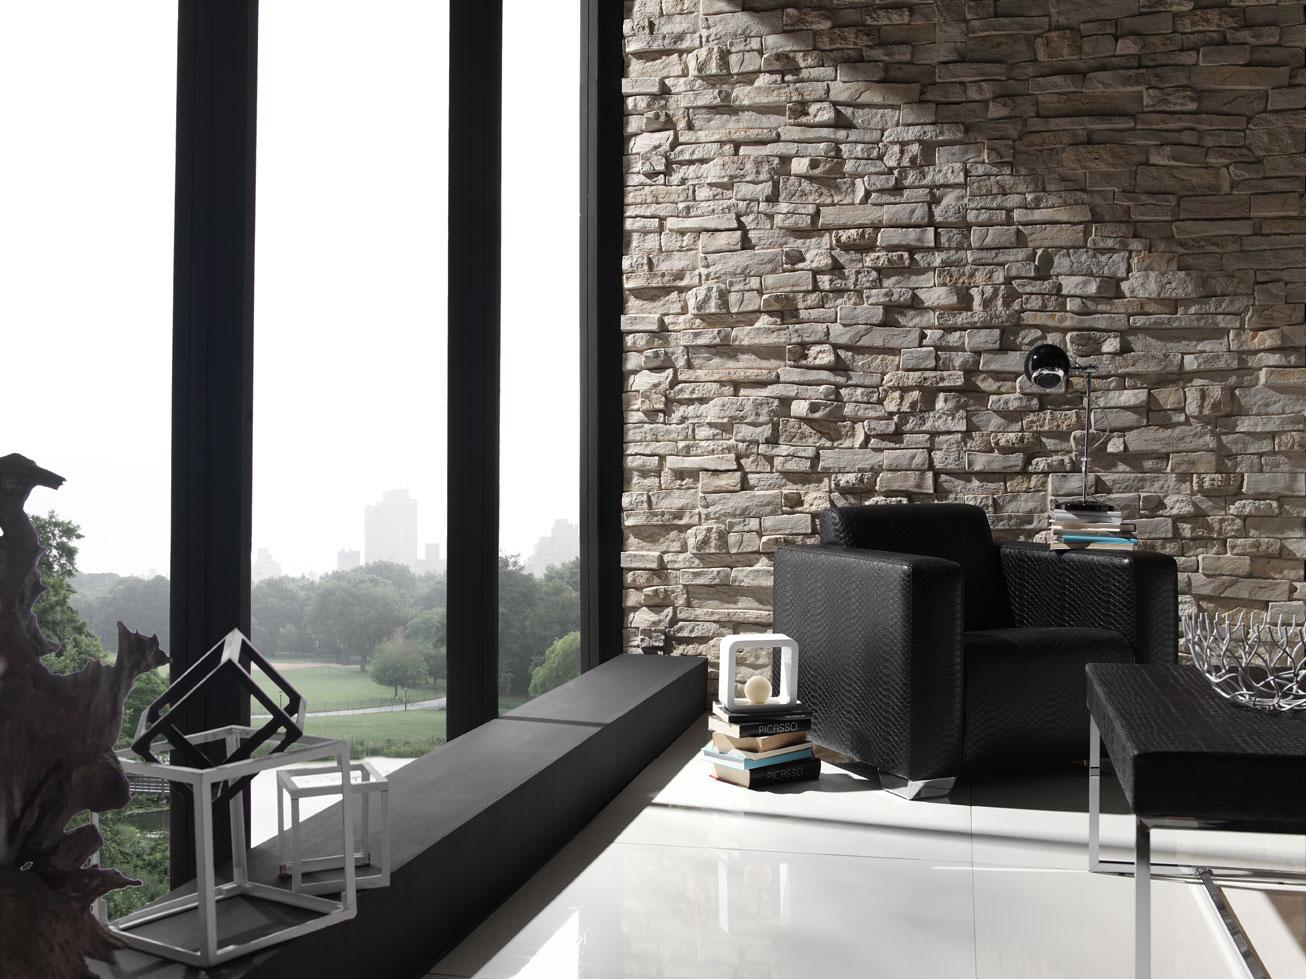 Offen Gestaltete Räume Mit Grossen Fensterflächen Sind Besonders Geeignet  Für Dekorative Wandverkleidungen.